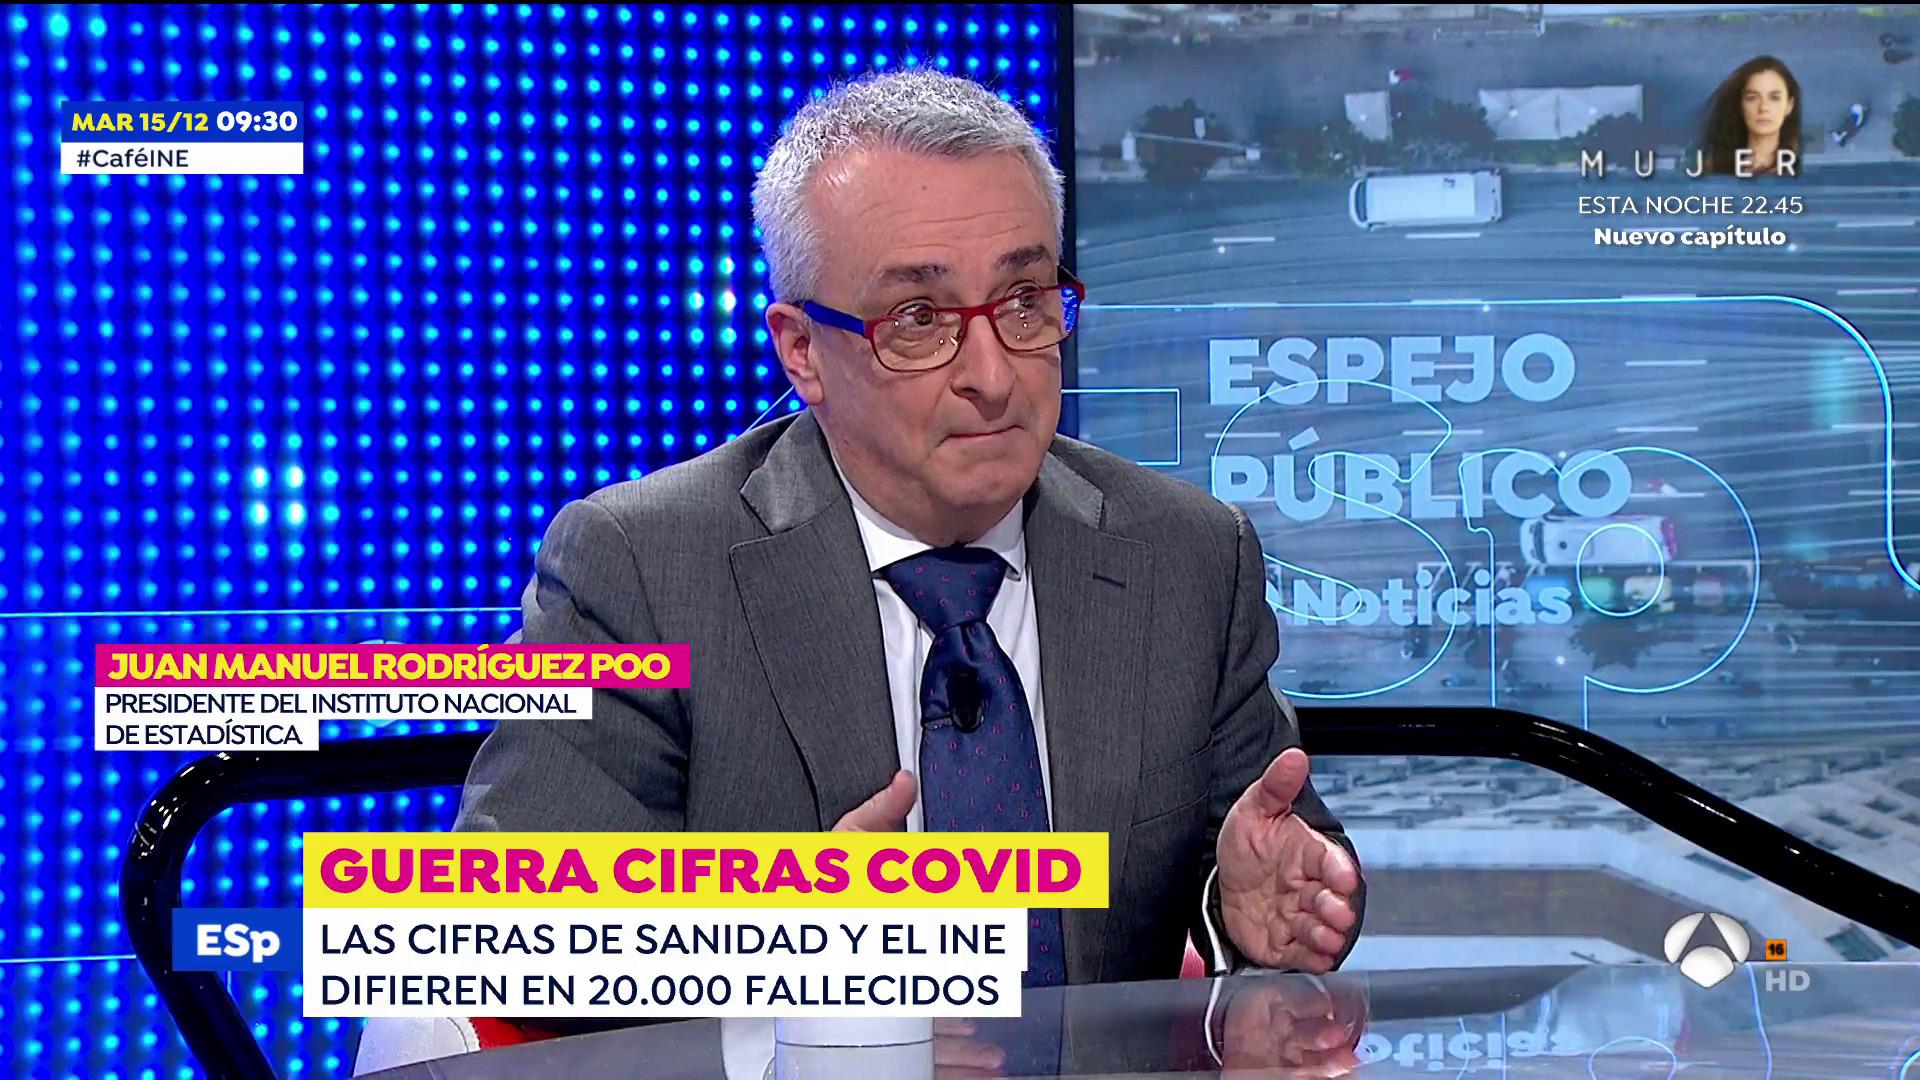 Diciembre 2020 (15-12-20) Juan Manuel Rodríguez Poo